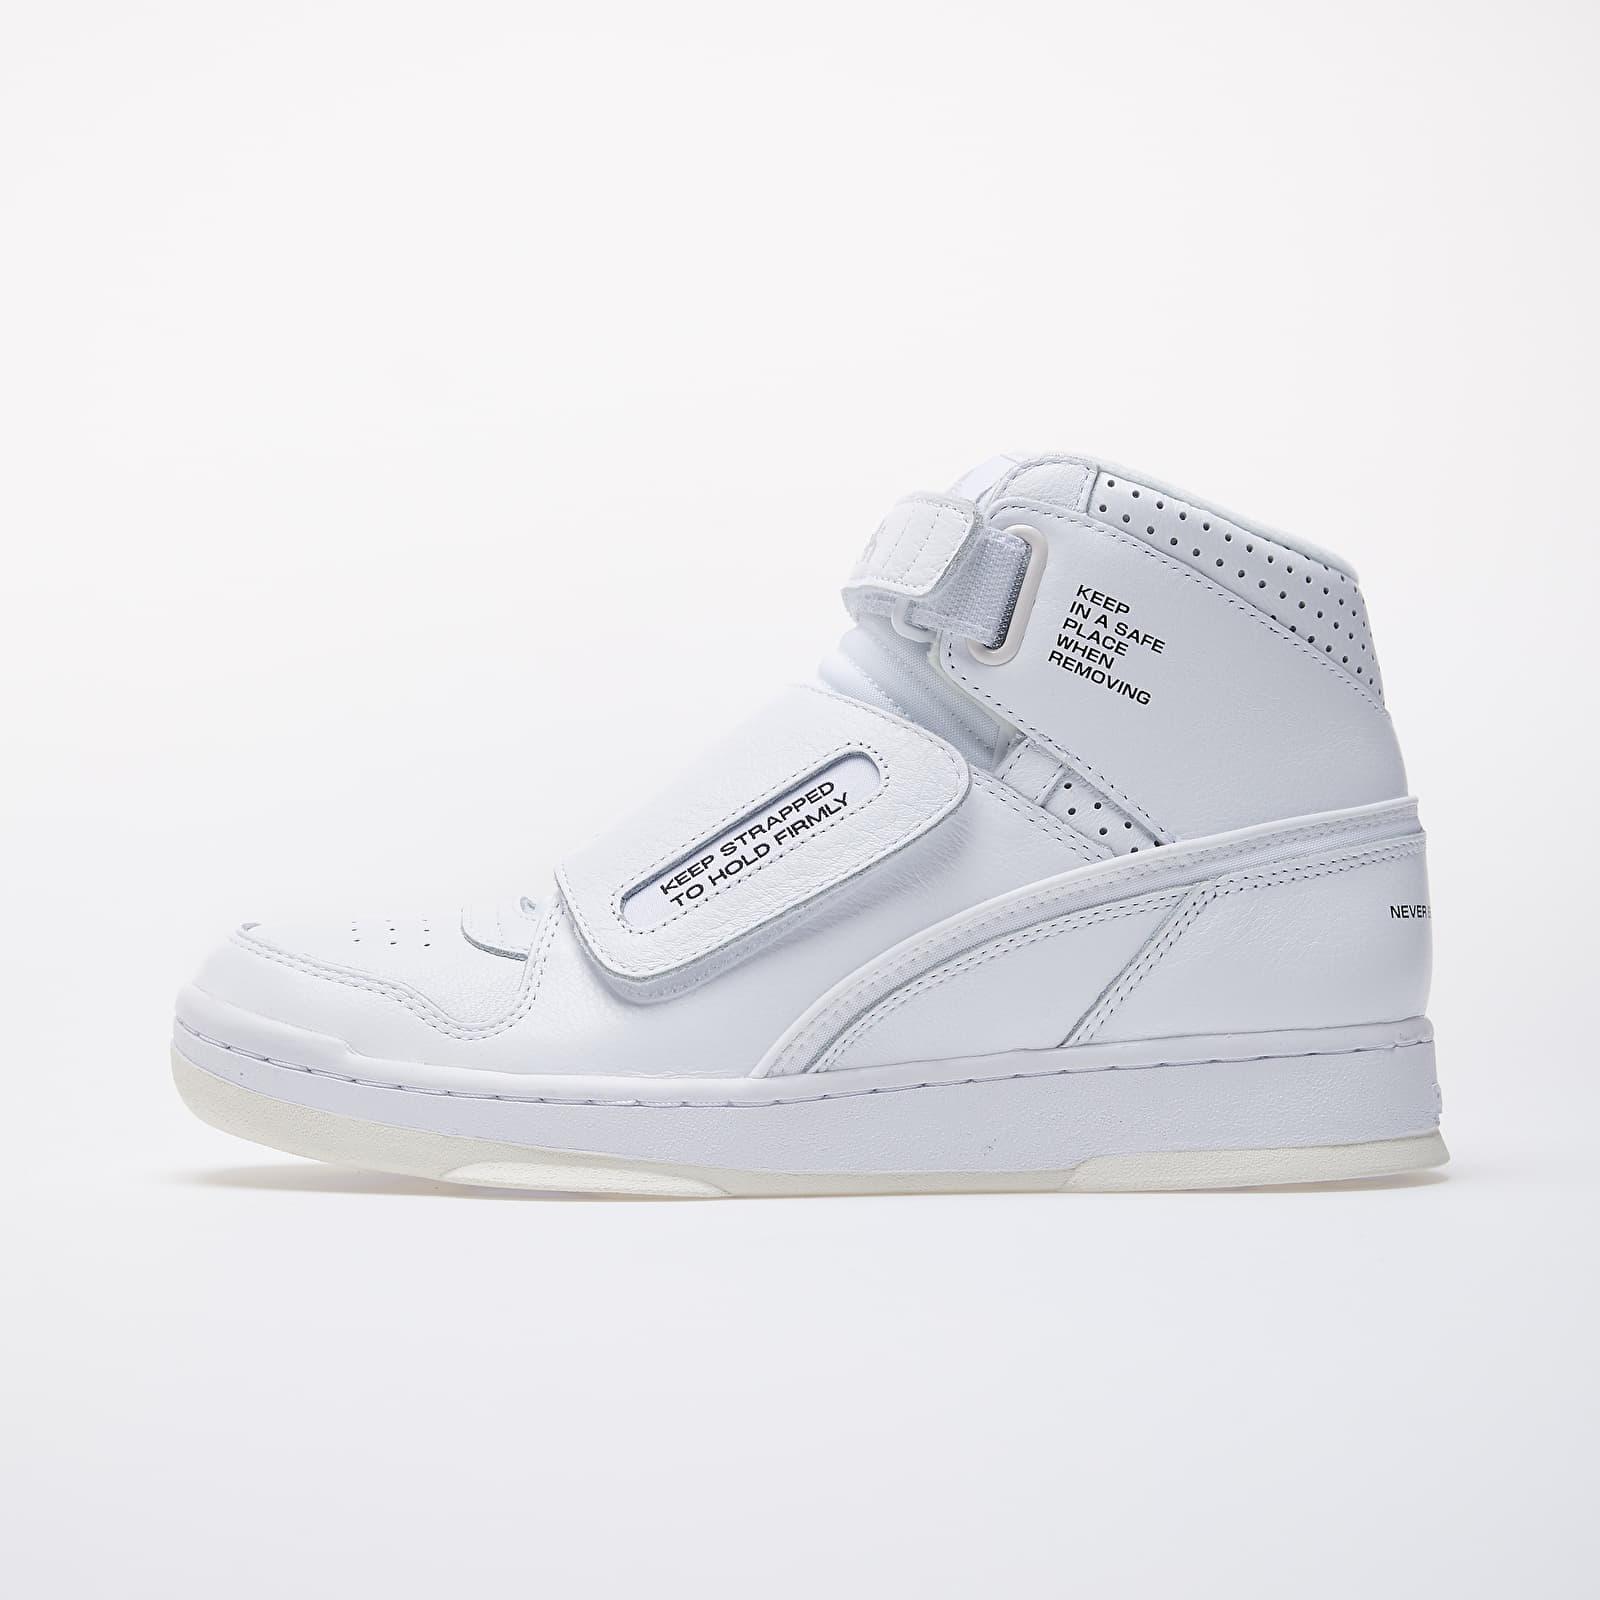 Pánské tenisky a boty Reebok Alien Stomper M R White/ Black/ Porcel